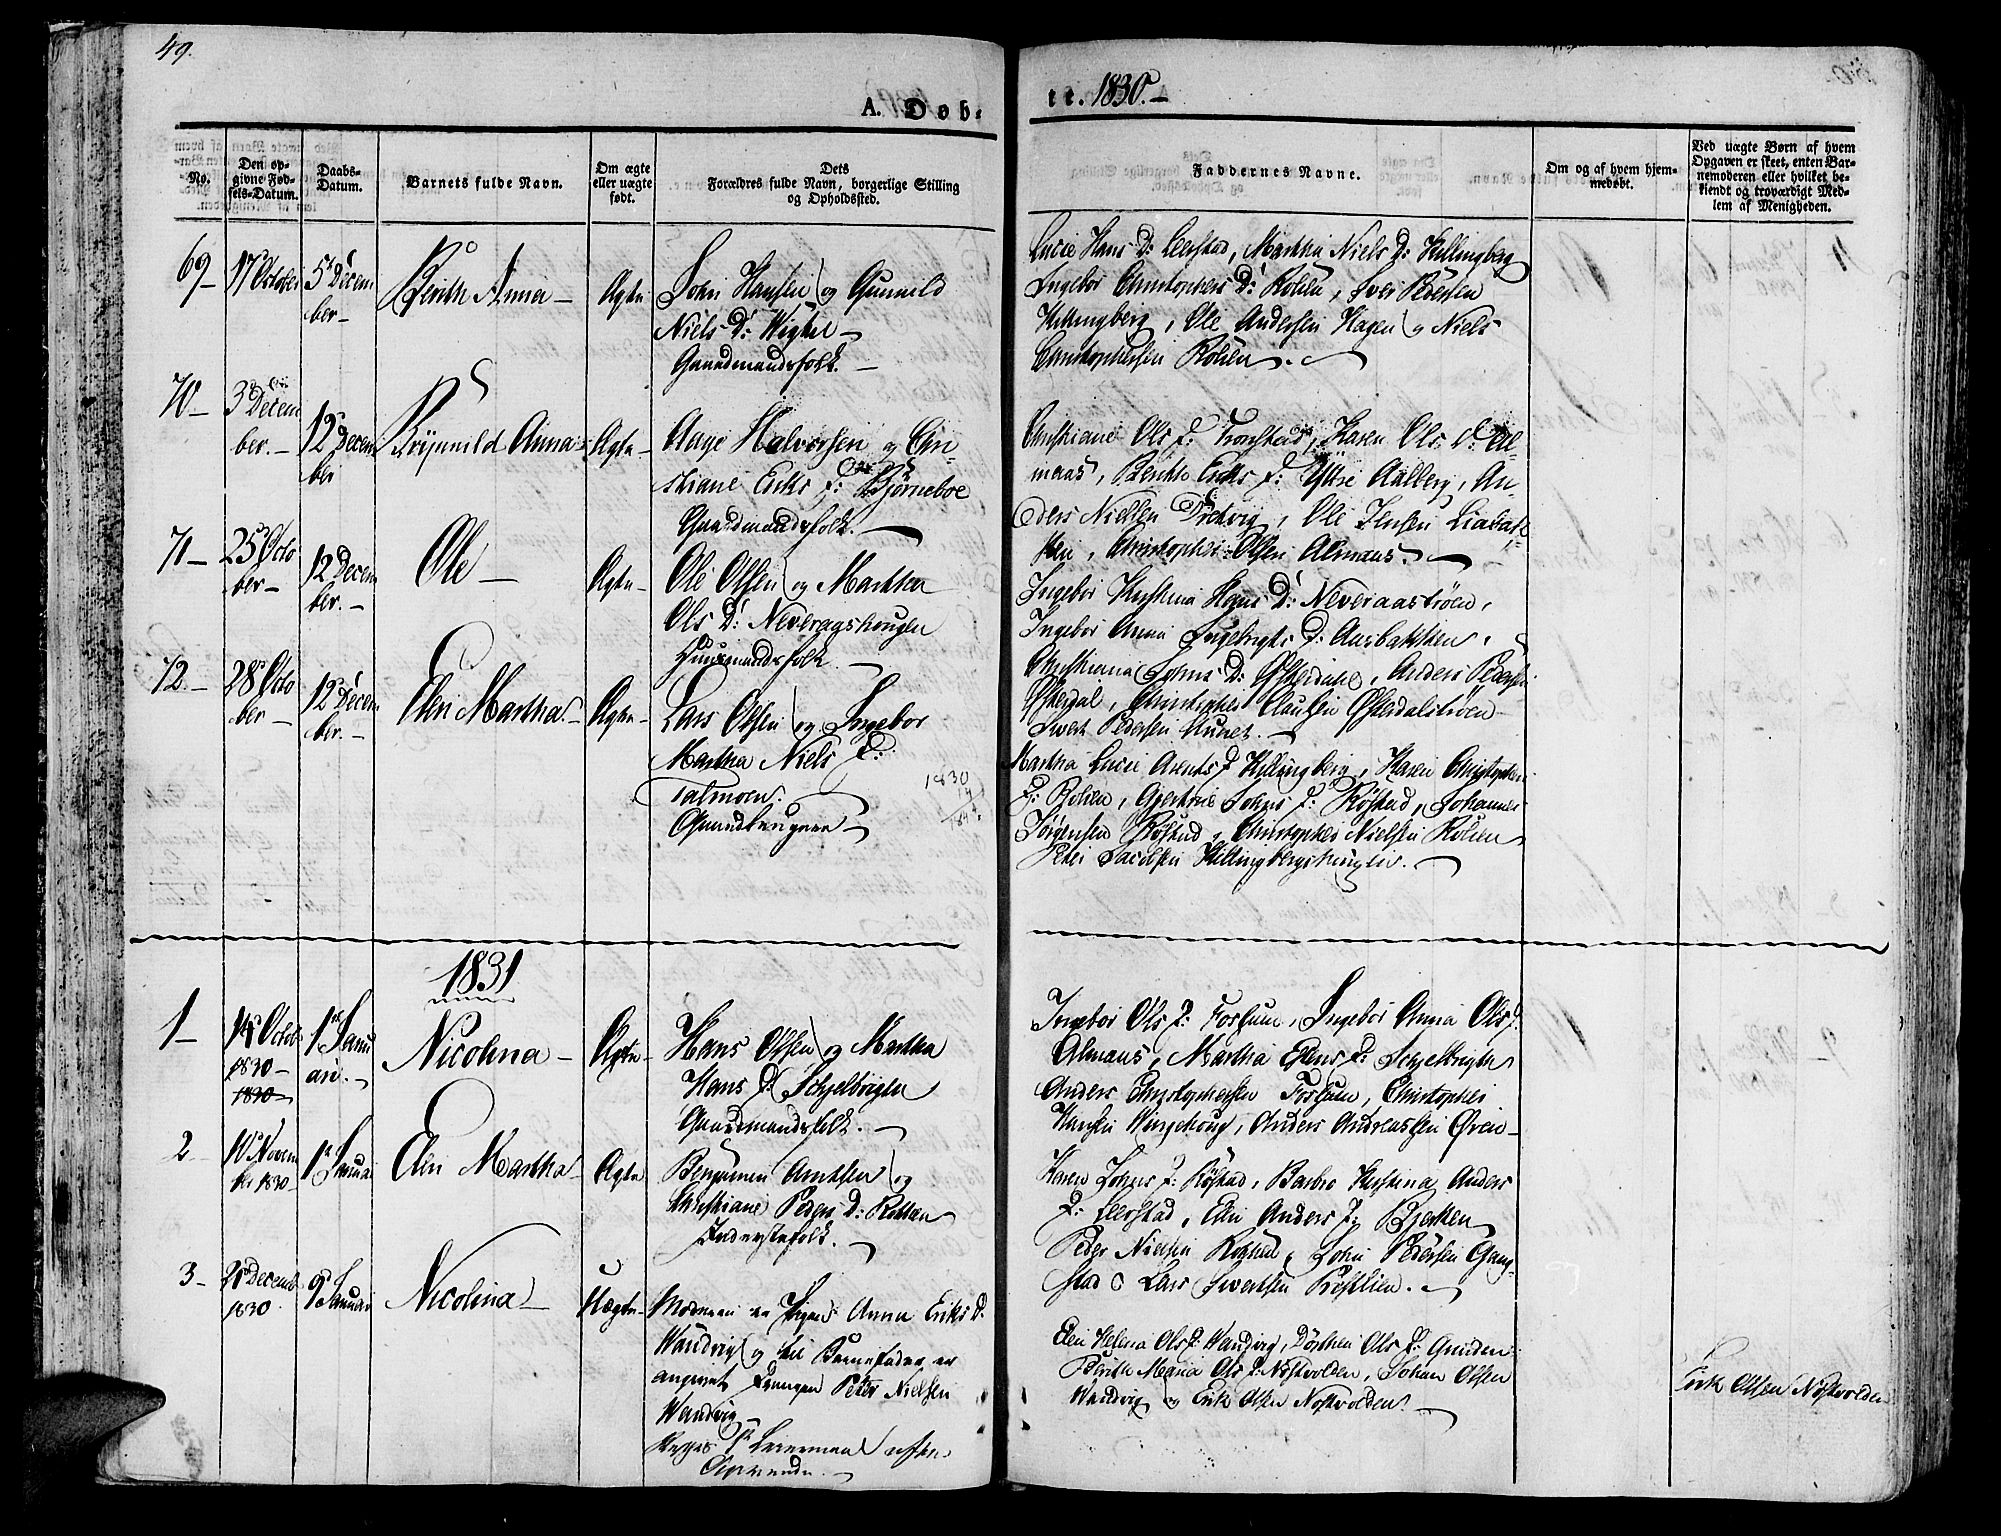 SAT, Ministerialprotokoller, klokkerbøker og fødselsregistre - Nord-Trøndelag, 701/L0006: Ministerialbok nr. 701A06, 1825-1841, s. 49